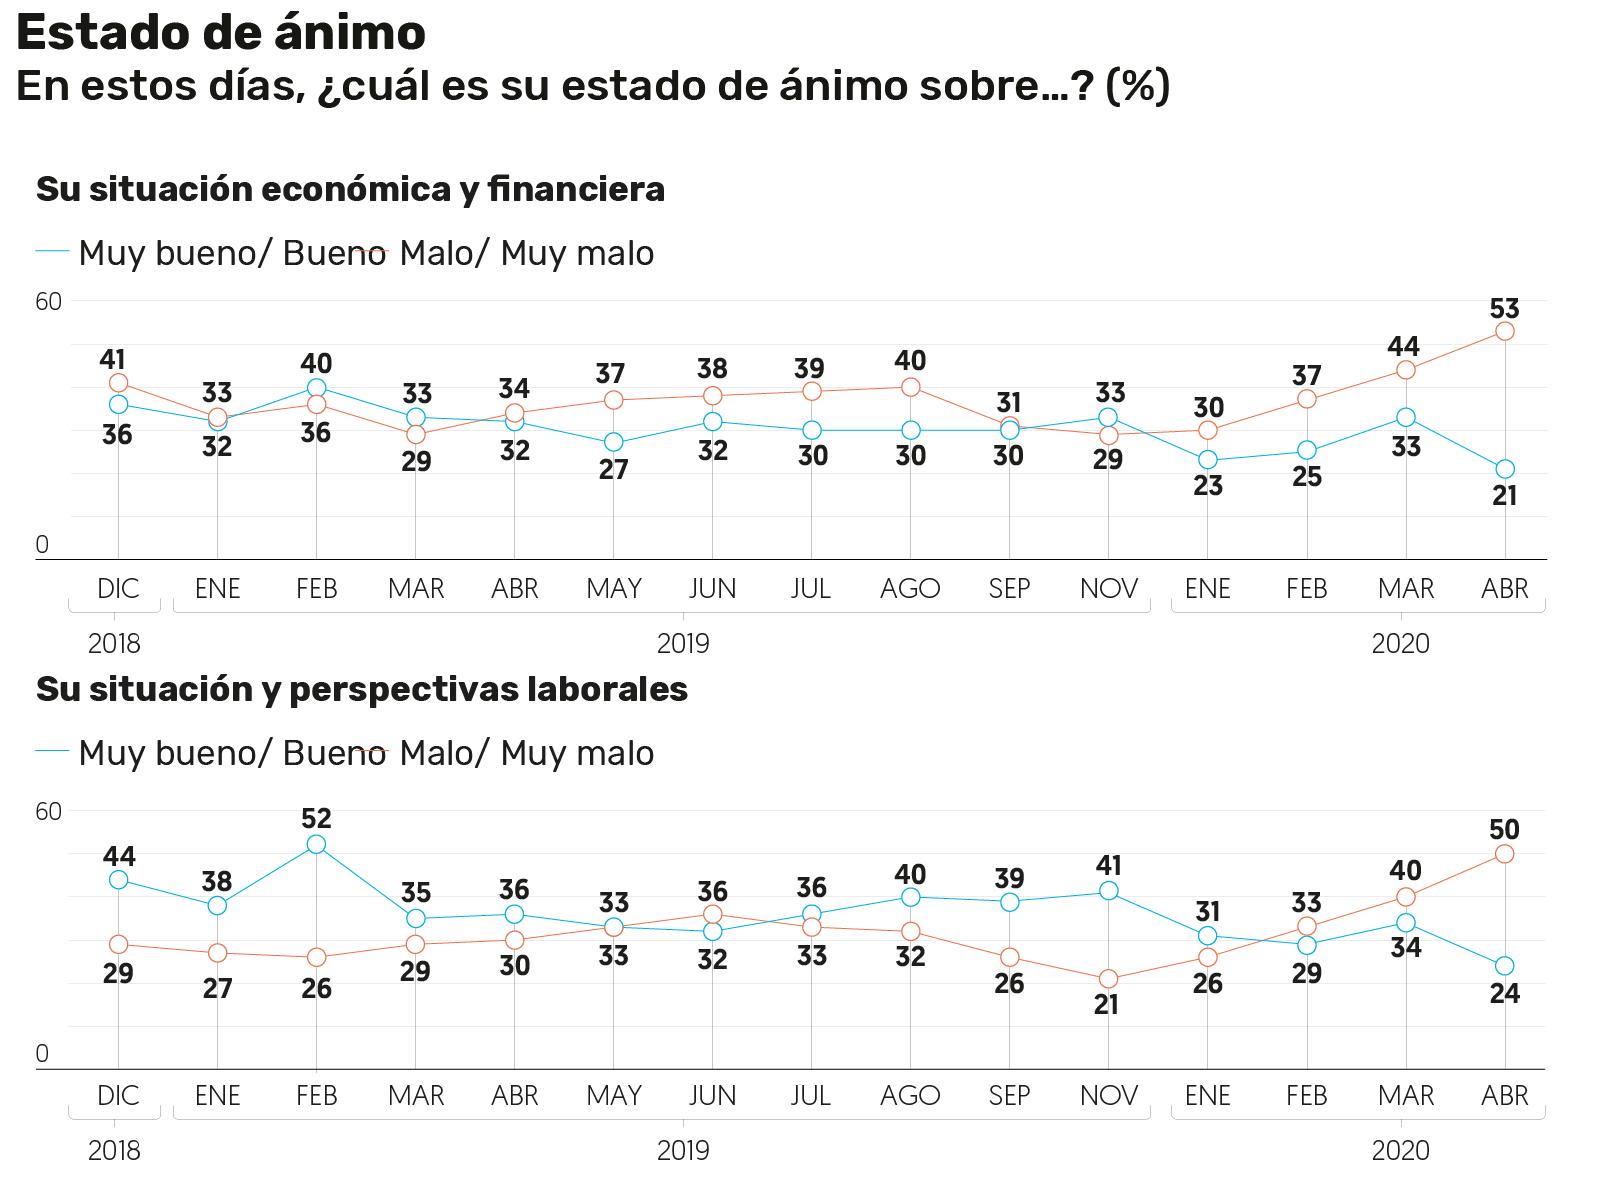 Estado de ánimo de encuestados cae por cuestión económica